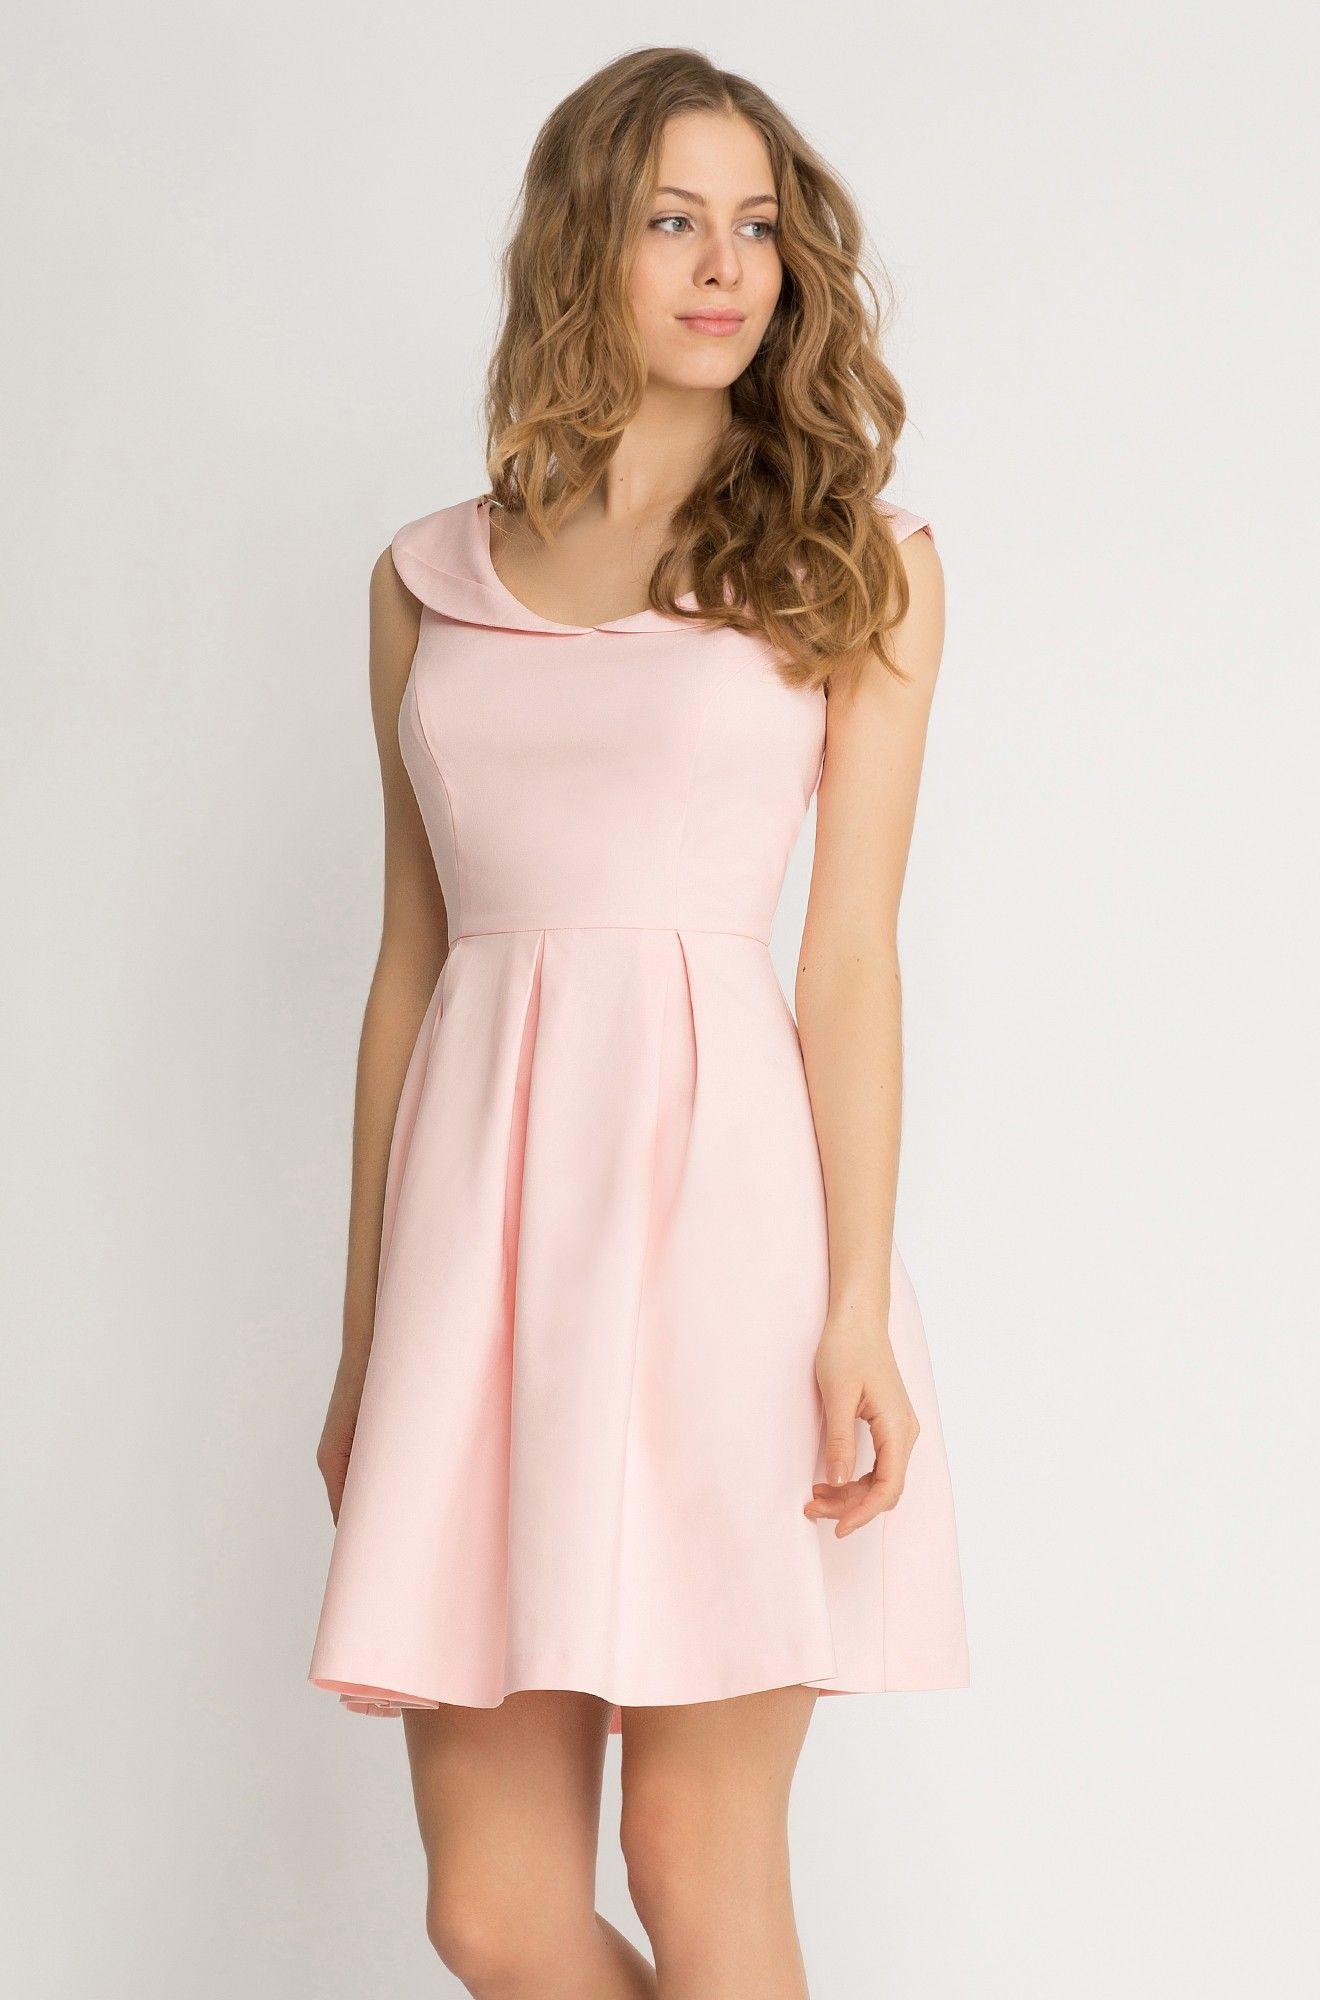 Kleid in Glockenschnitt mit Kragen | Fashion | Pinterest | Kragen